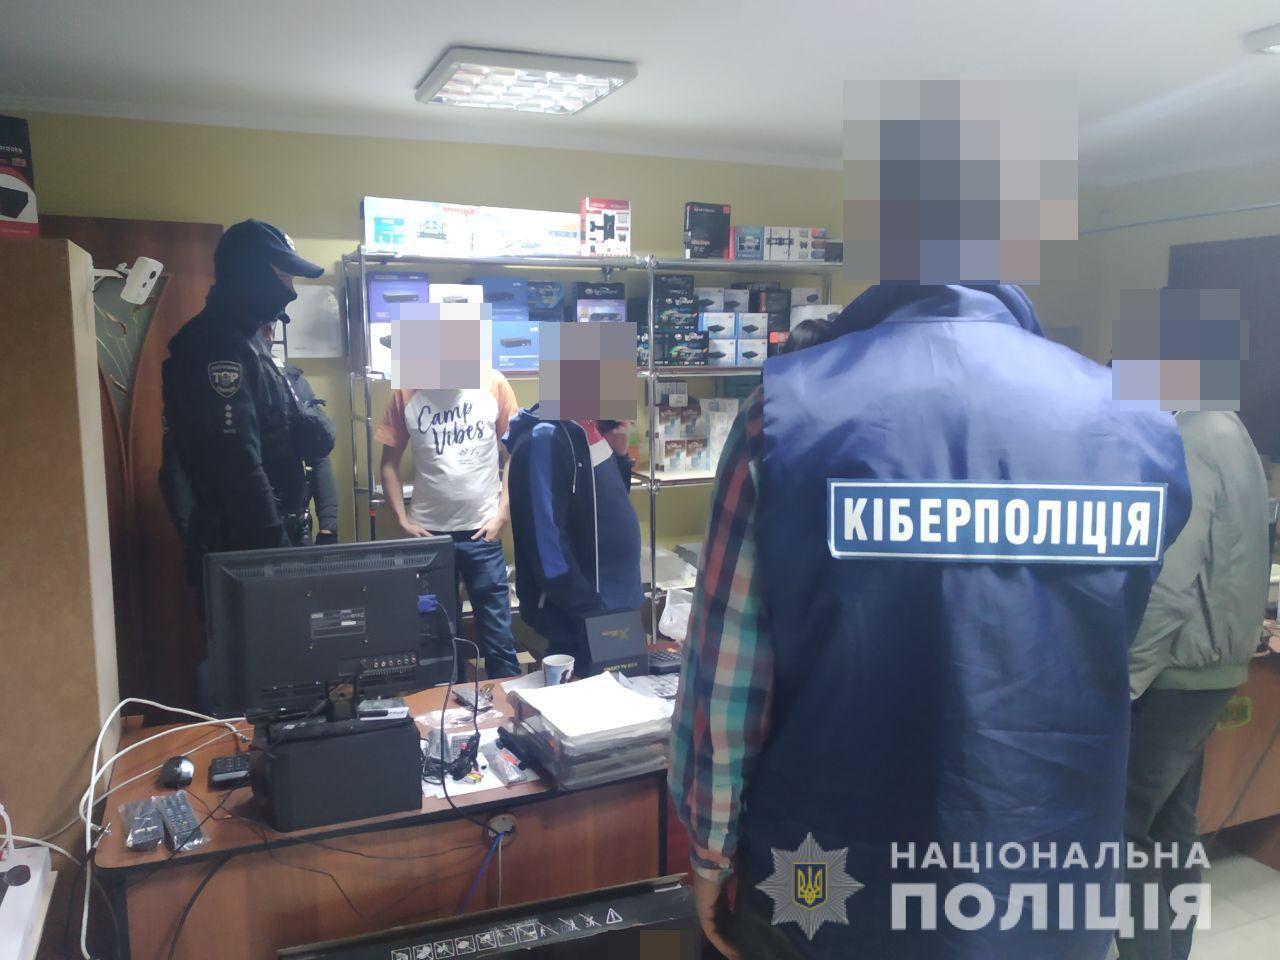 Волинянину, який нелегально підключав населенню українські телеканали, загрожує до шести років позбавлення волі